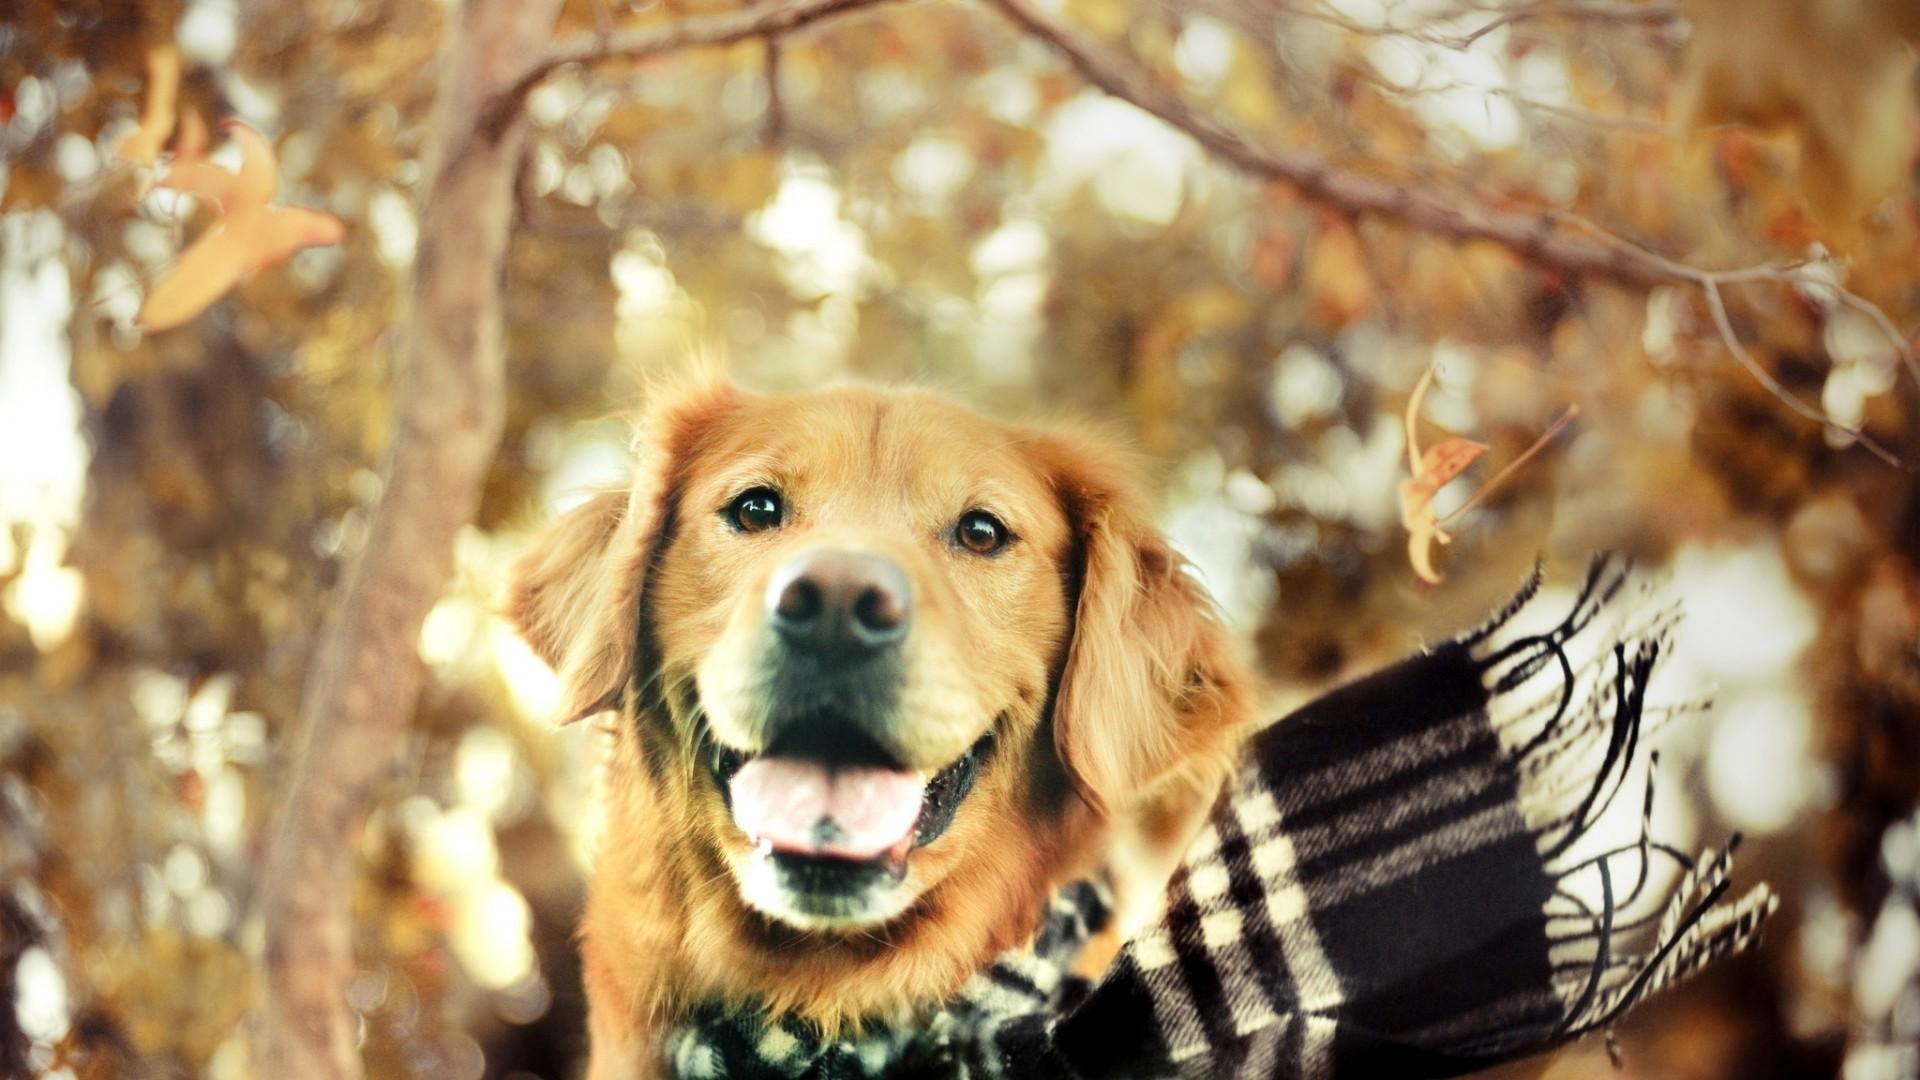 Cute golden retriever puppies wallpaper 56 images - Cute golden retriever wallpaper ...